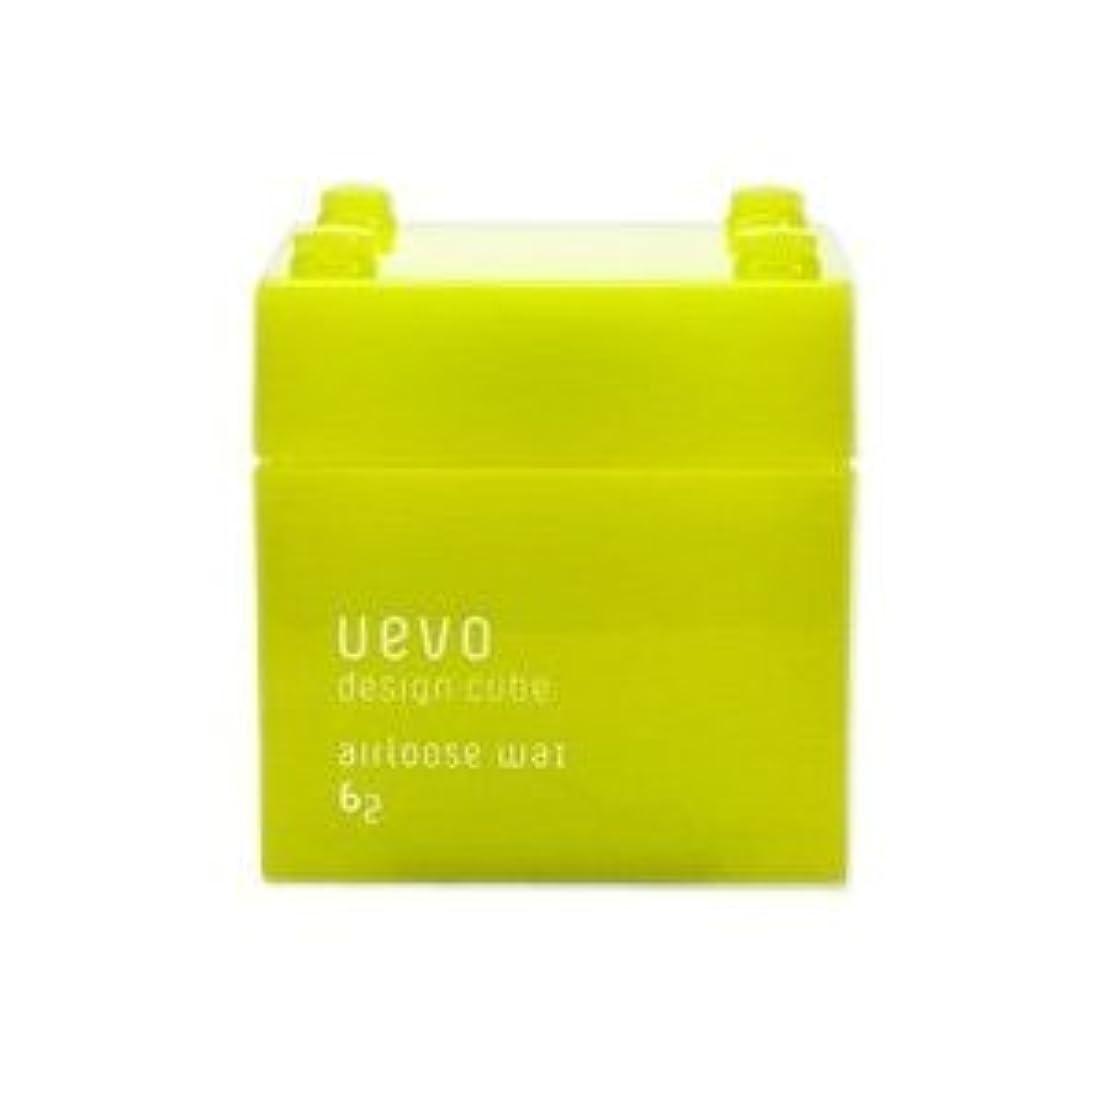 クリア売り手食欲【X3個セット】 デミ ウェーボ デザインキューブ エアルーズワックス 80g airloose wax DEMI uevo design cube